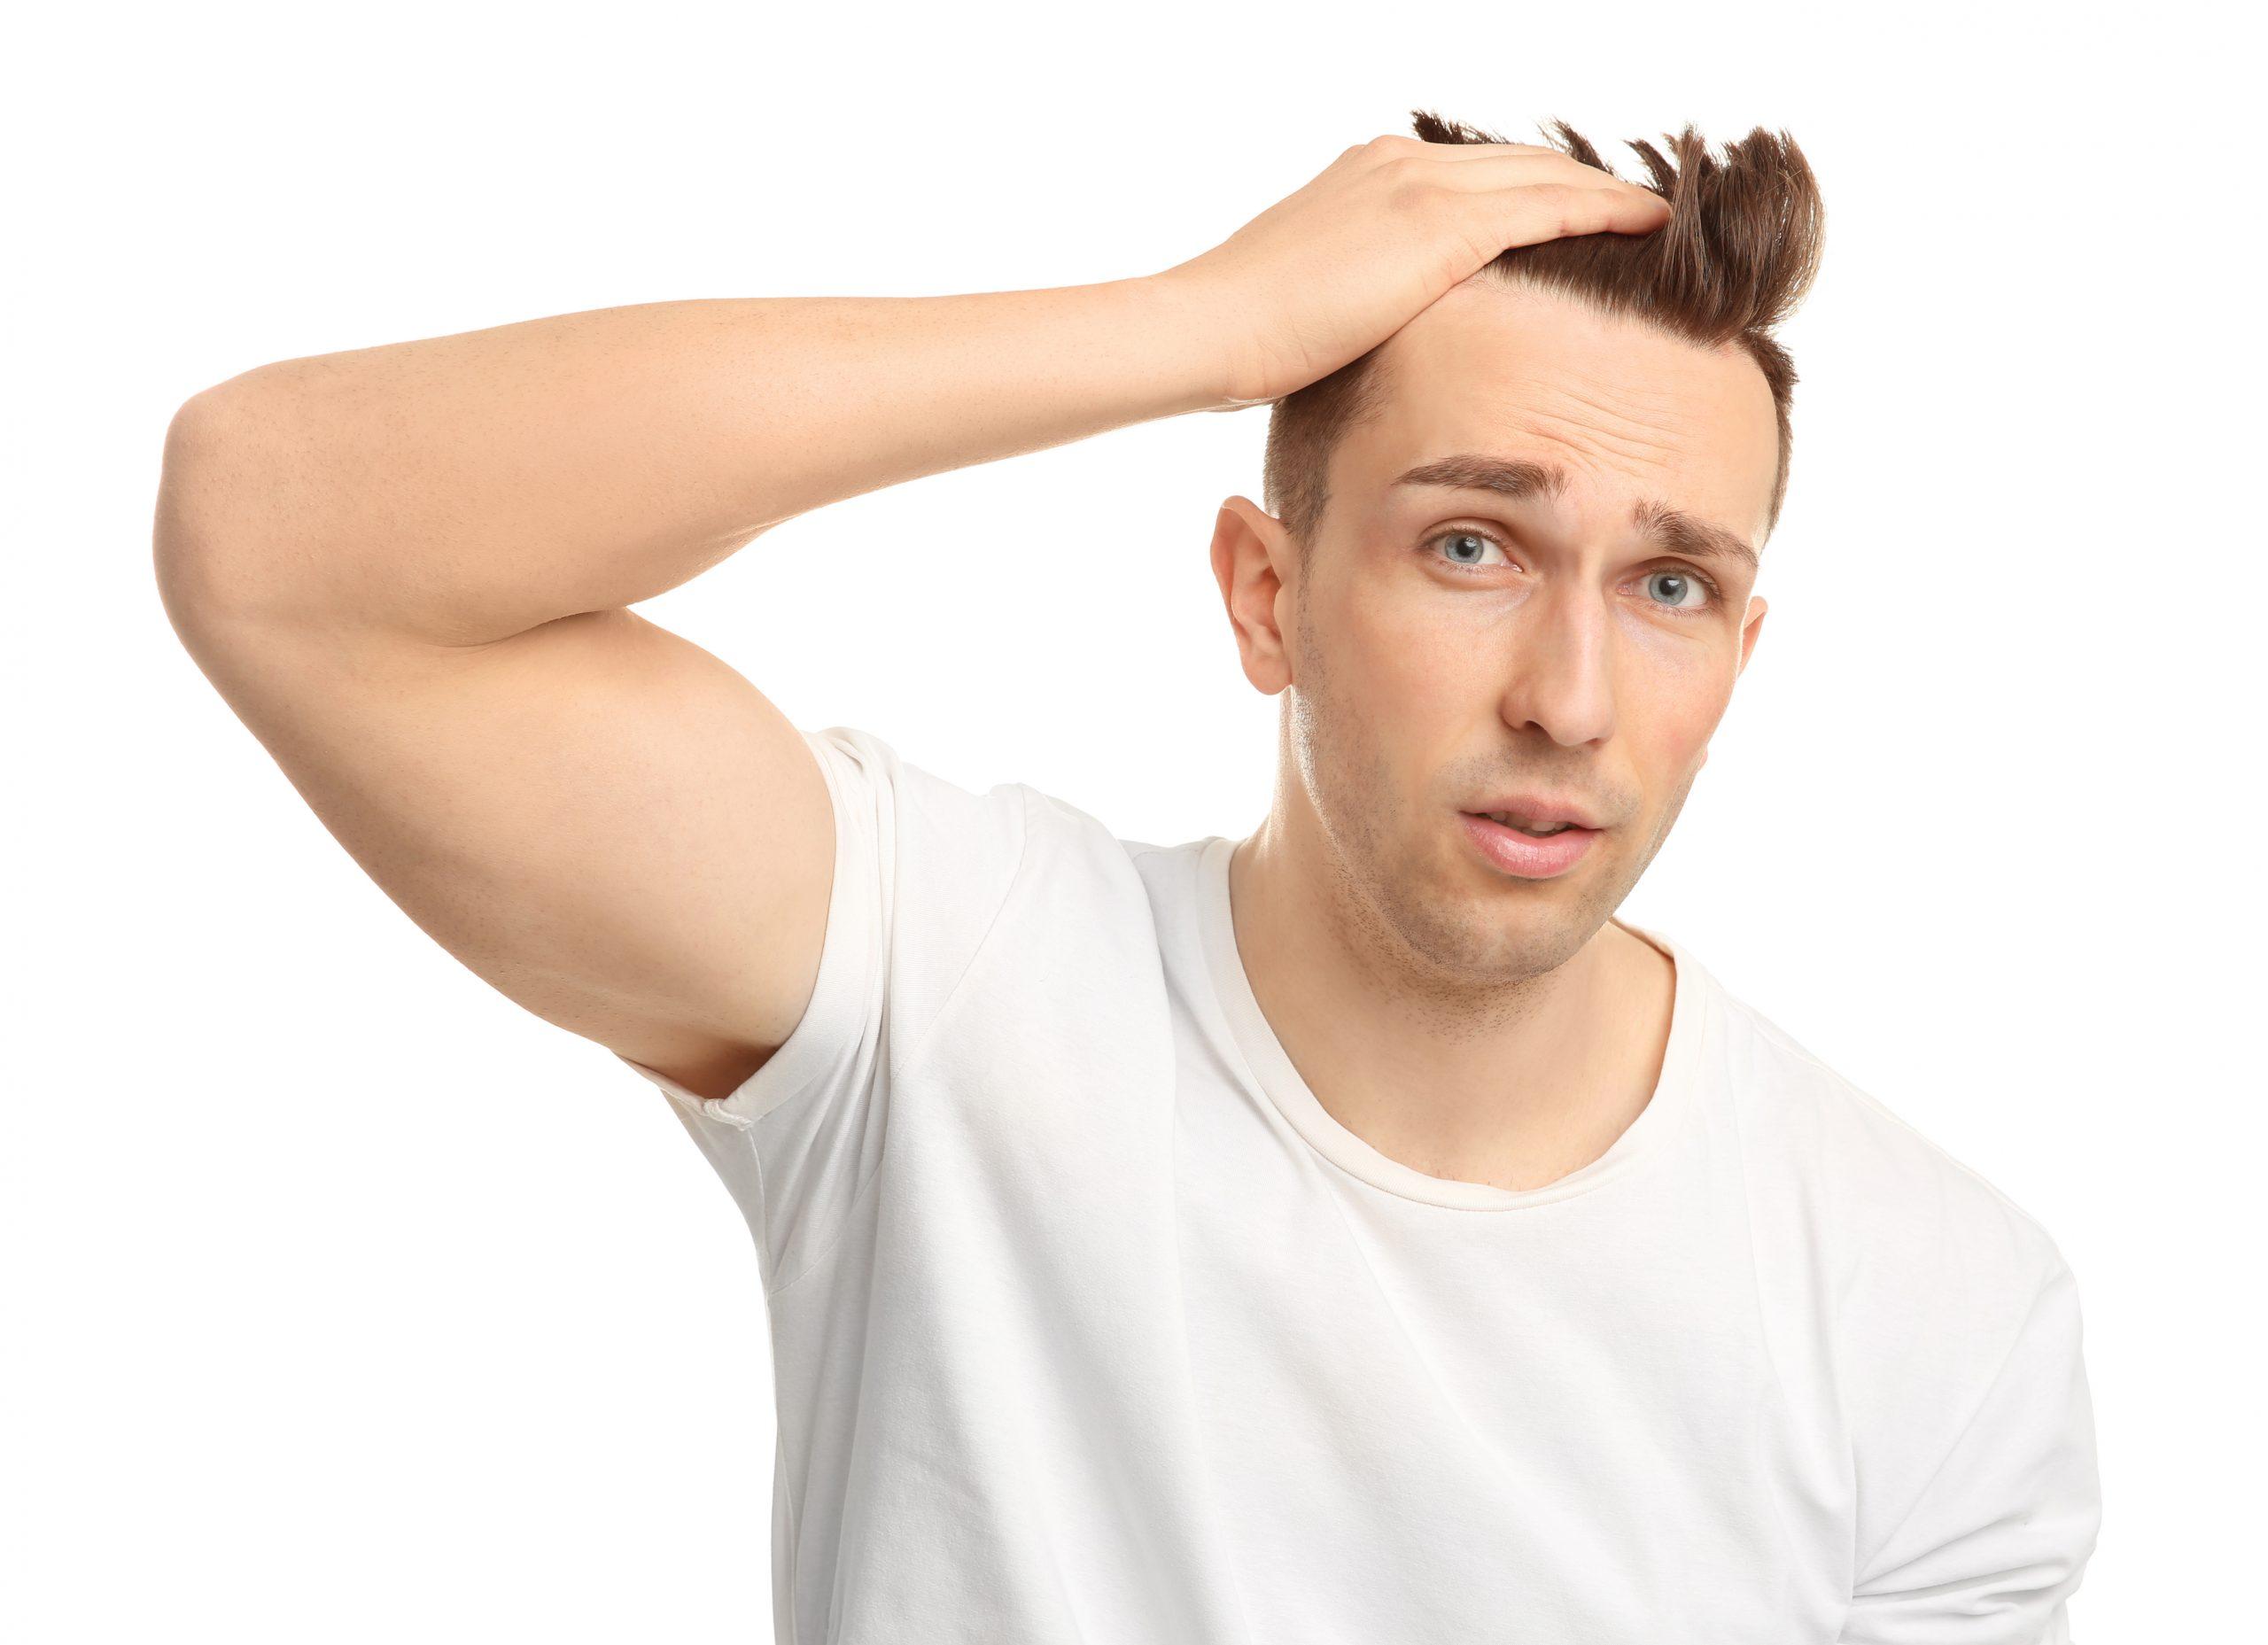 Calvizie giovanile: principali cause e rimedi